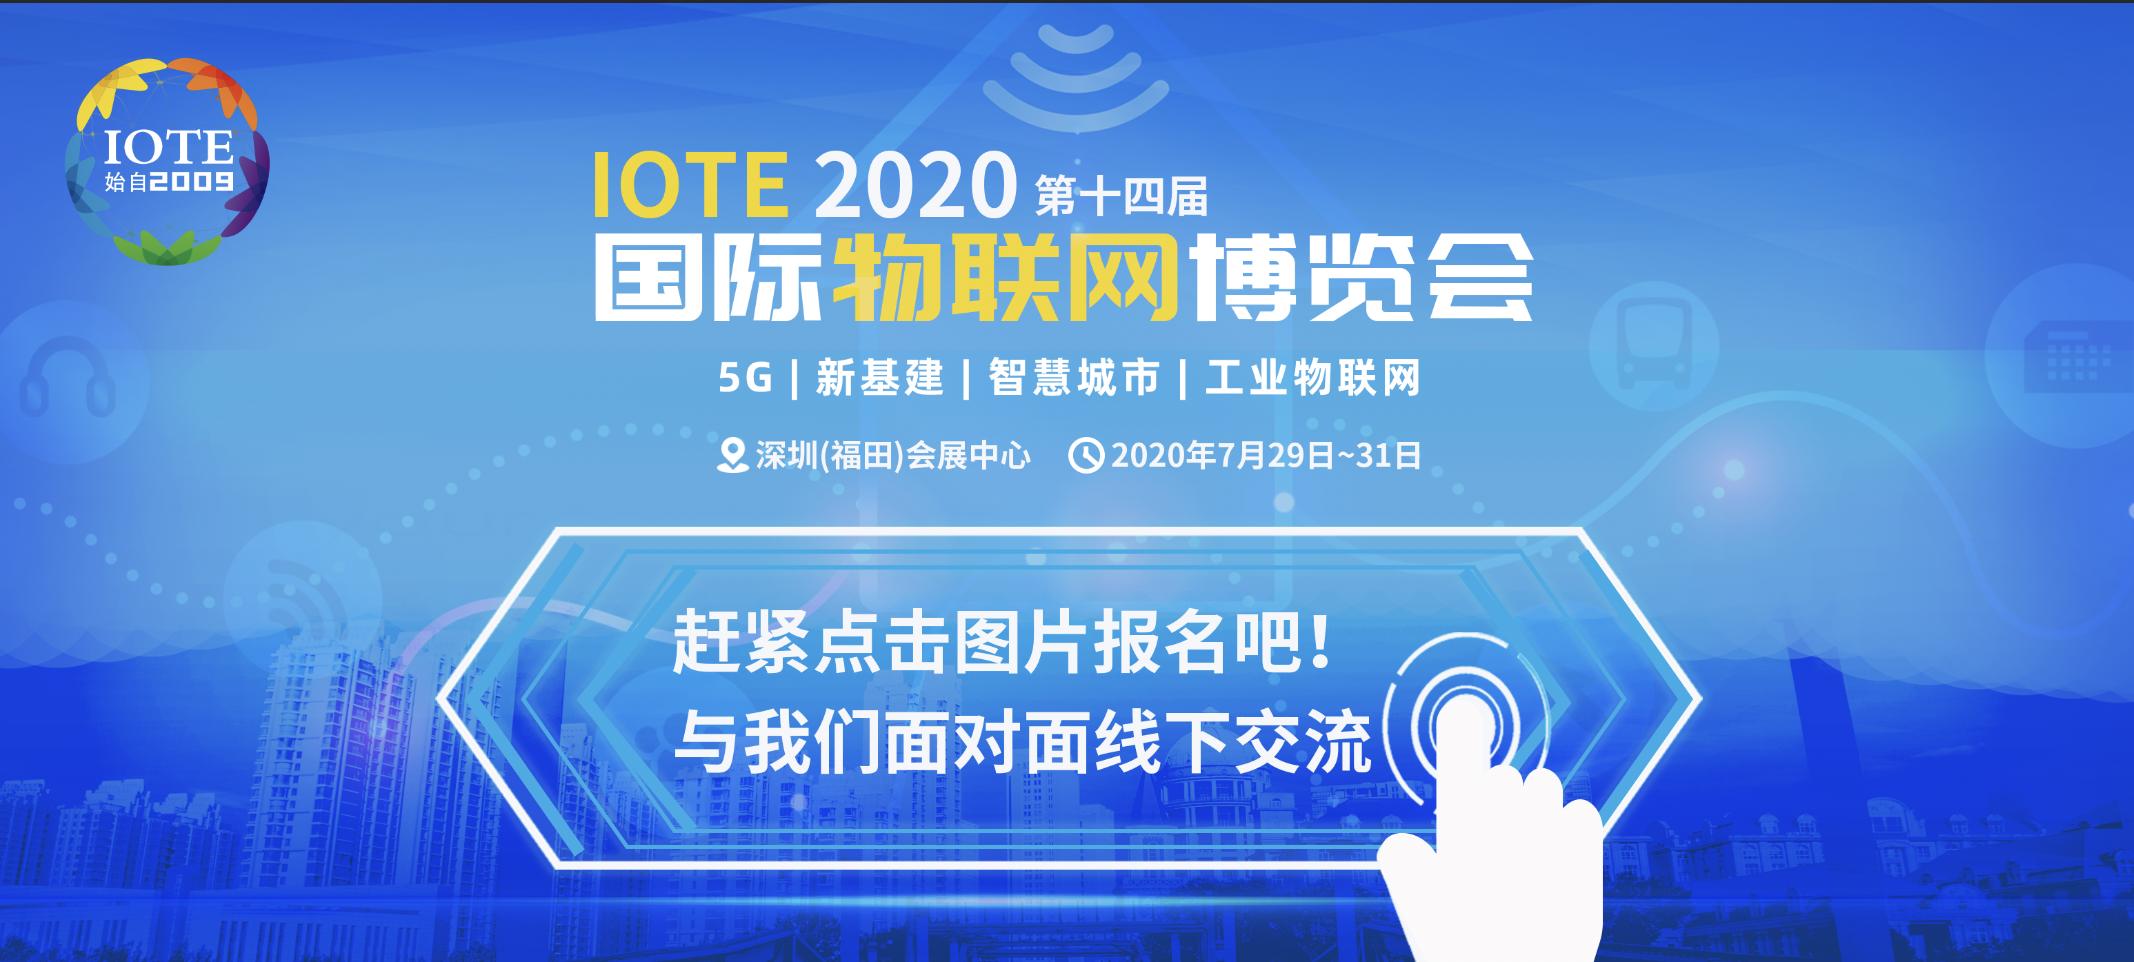 孚安特将亮相IOTE2020深圳国际物联网展,展示多款电池产品